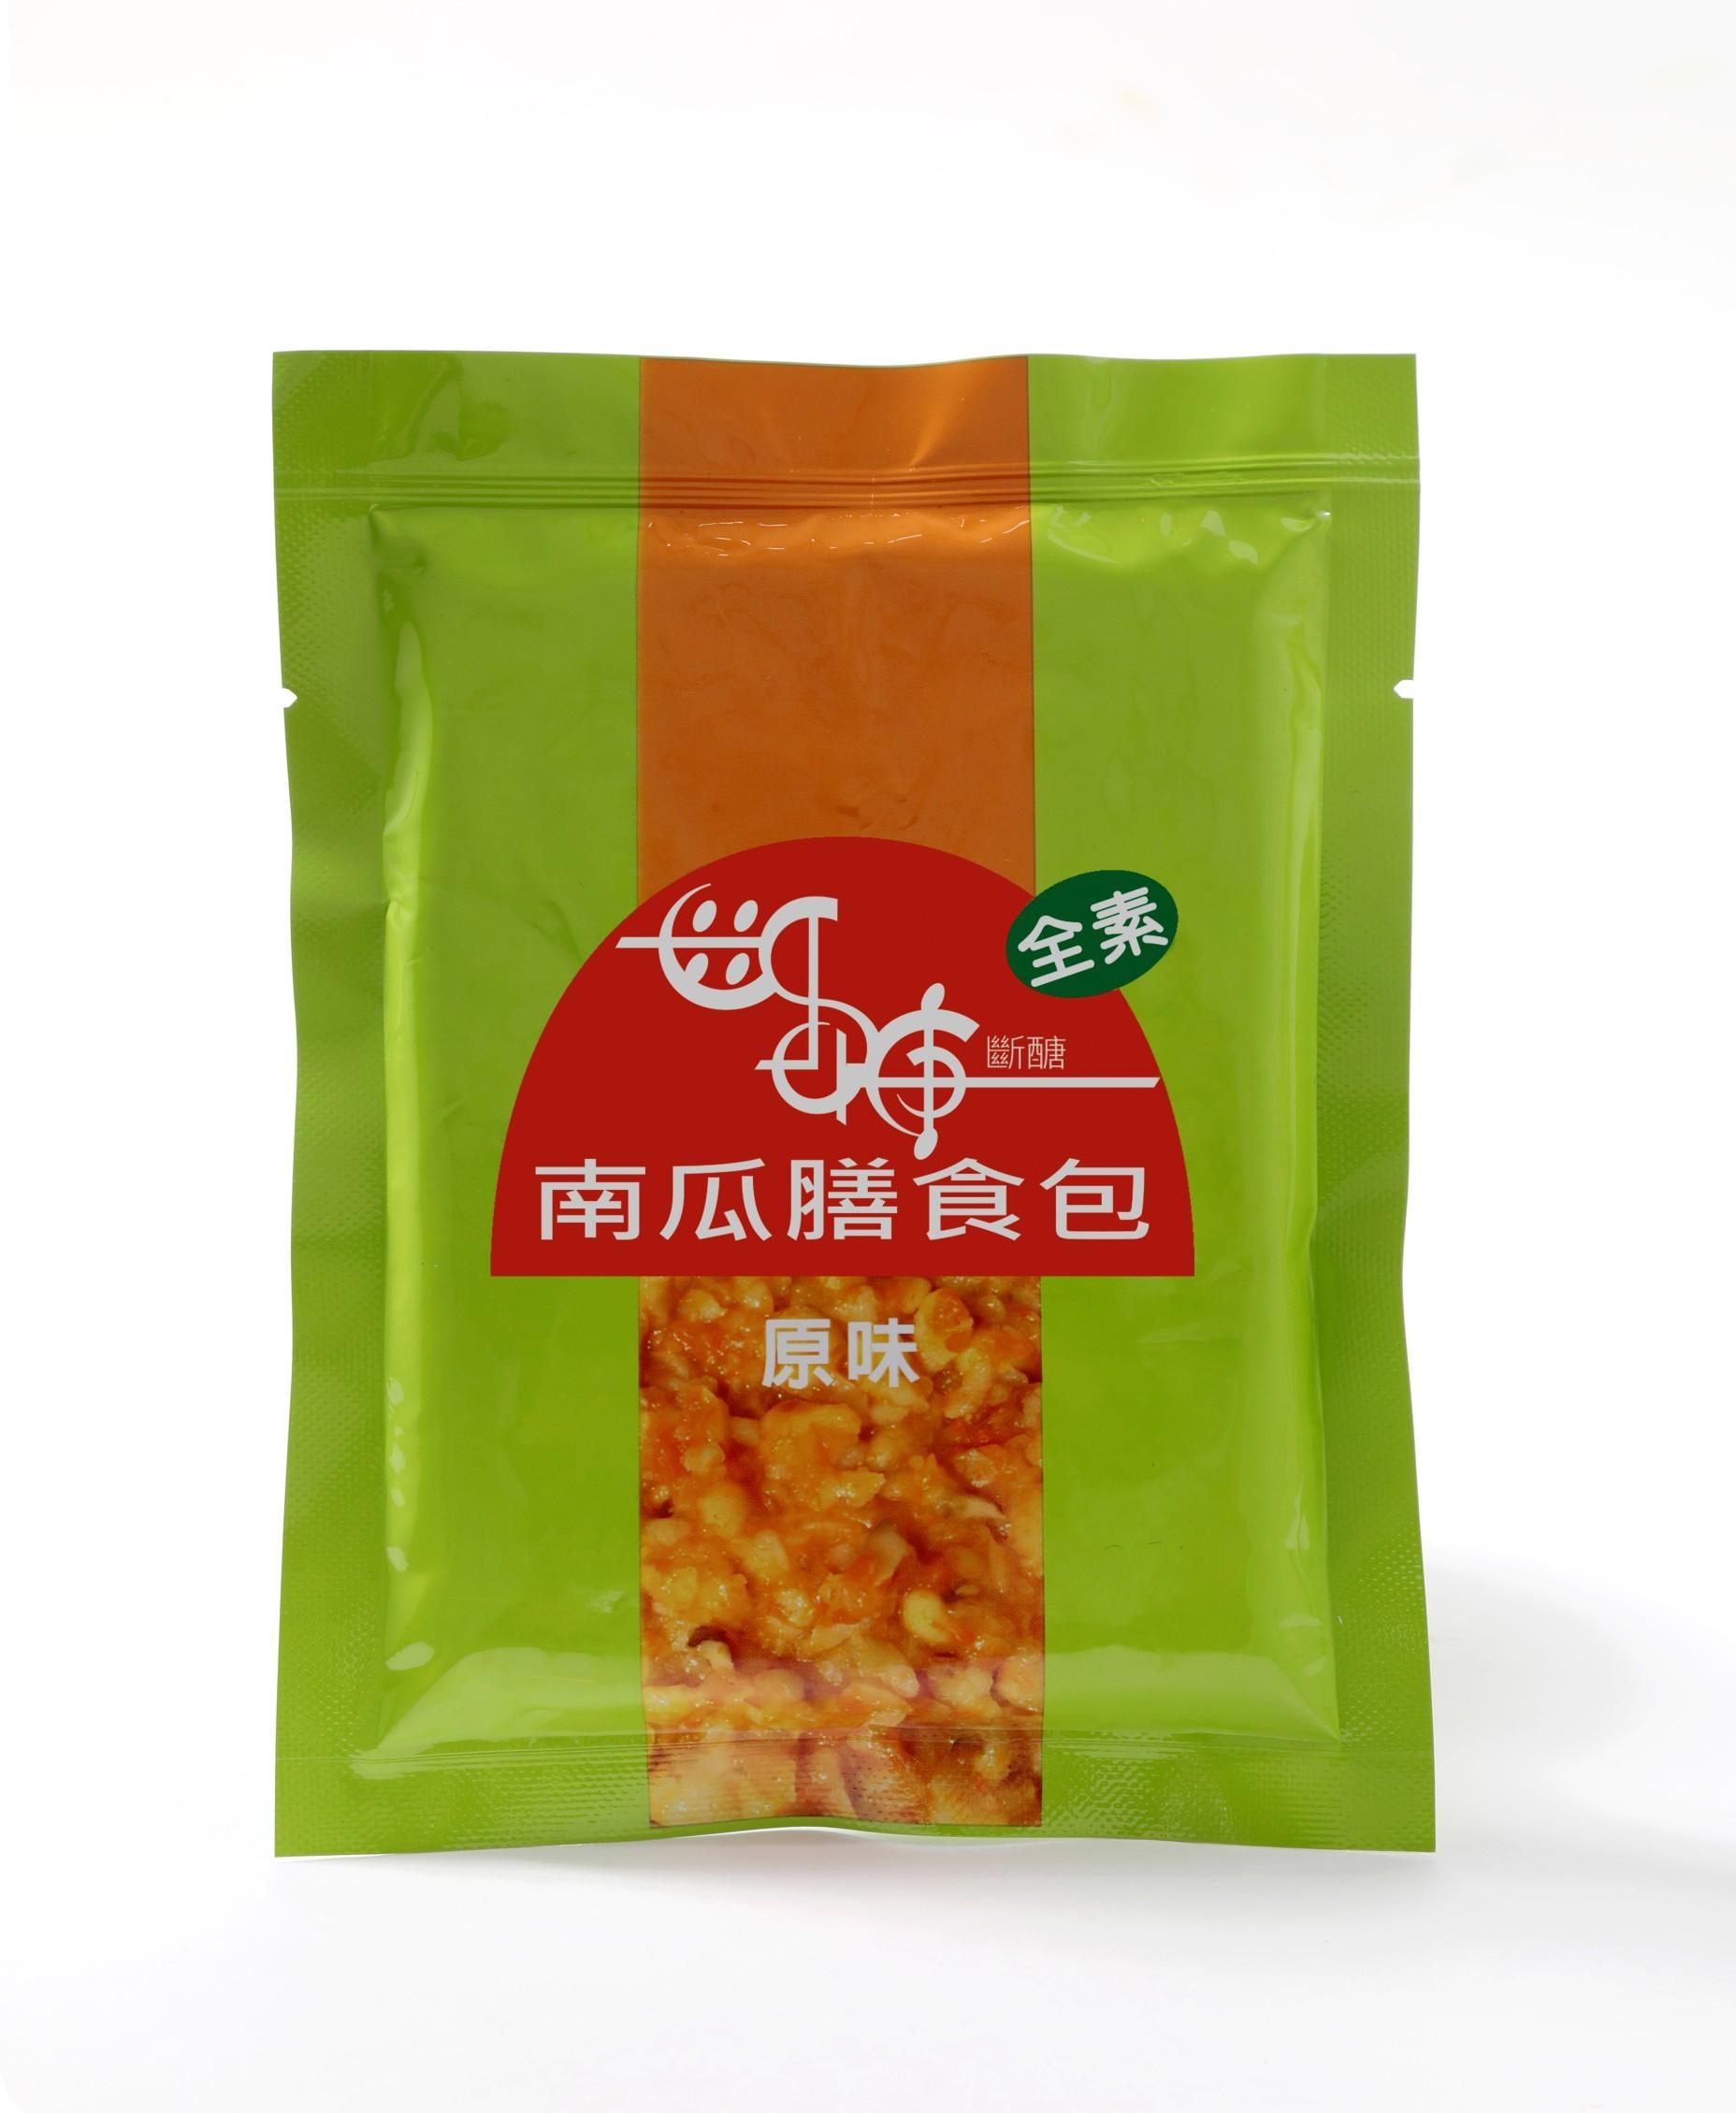 【士官長料理】南瓜膳食包-原味-12盒套裝